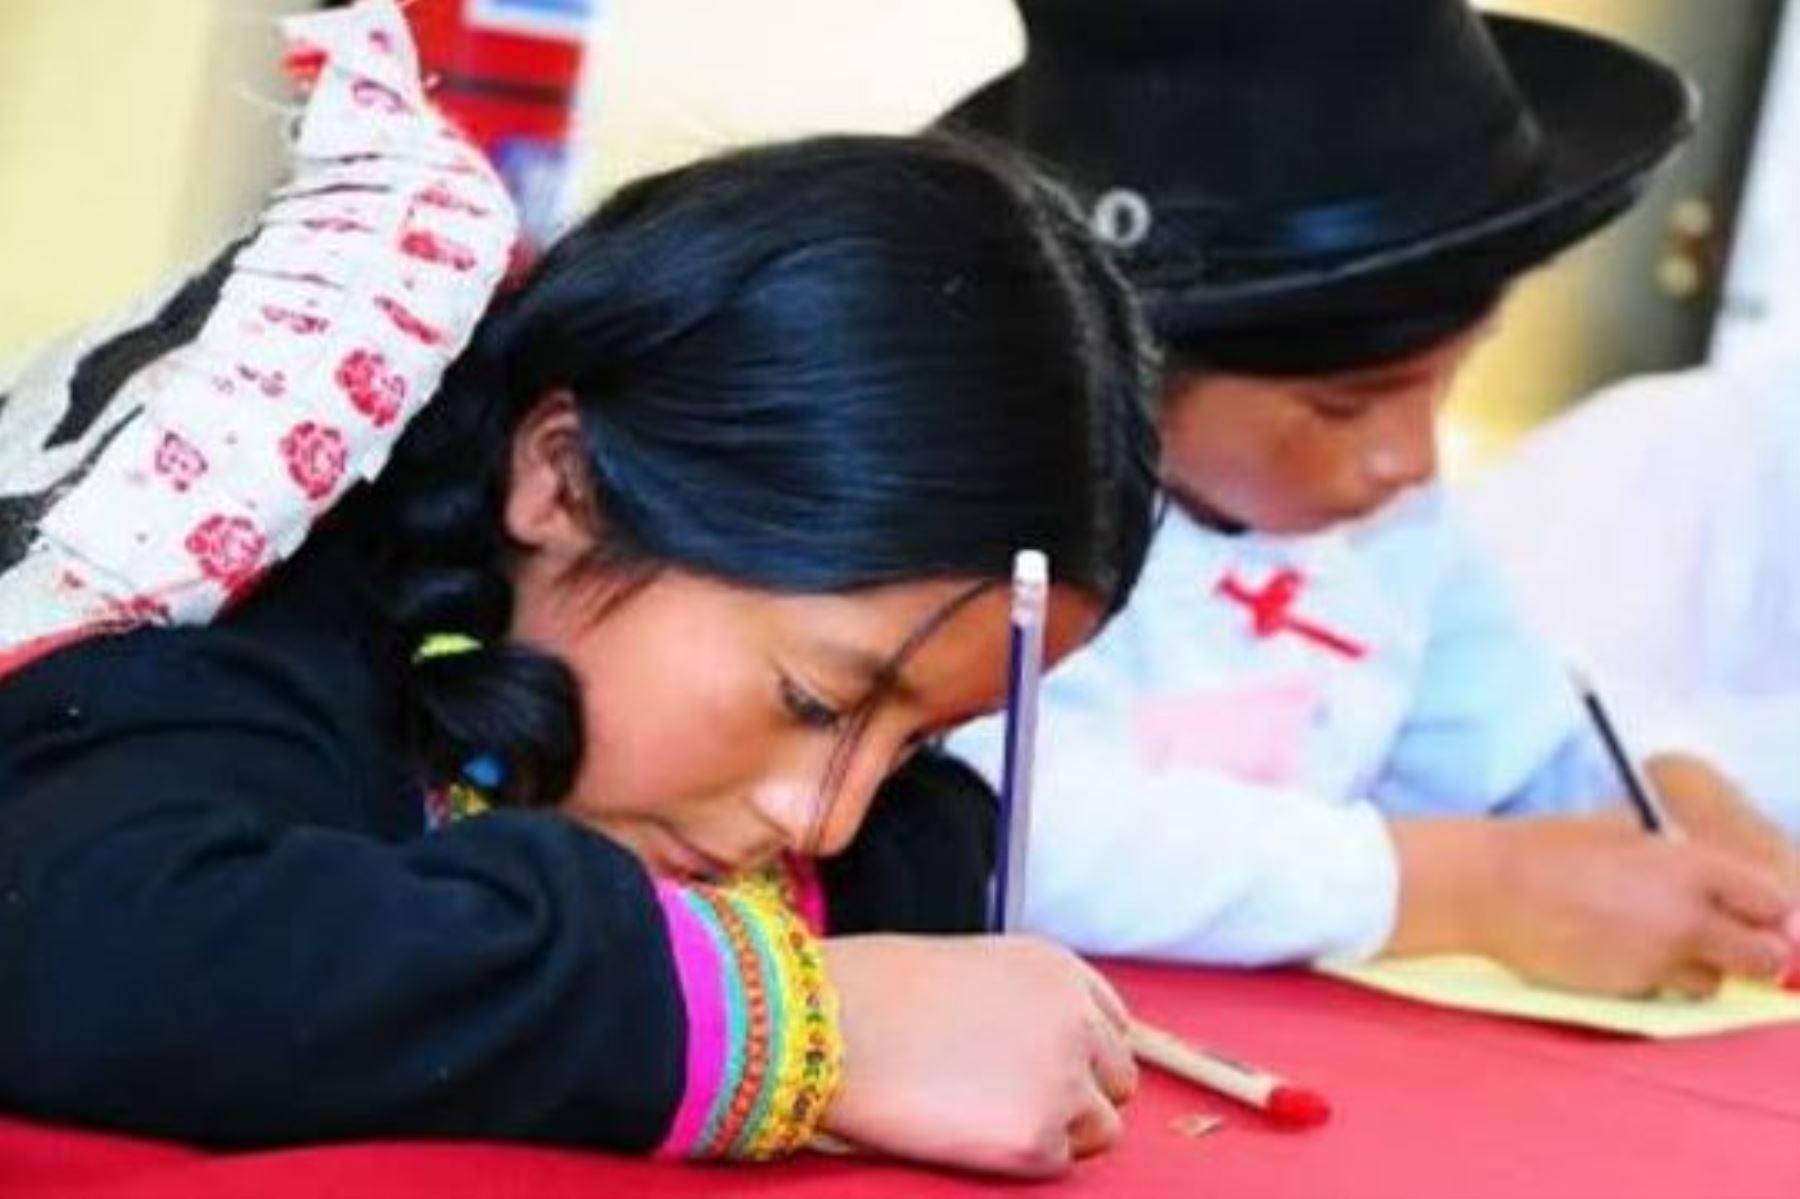 Minedu: obra con 100 preguntas sobre historia de Perú será traducida a lenguas originarias. Foto: ANDINA/Difusión.